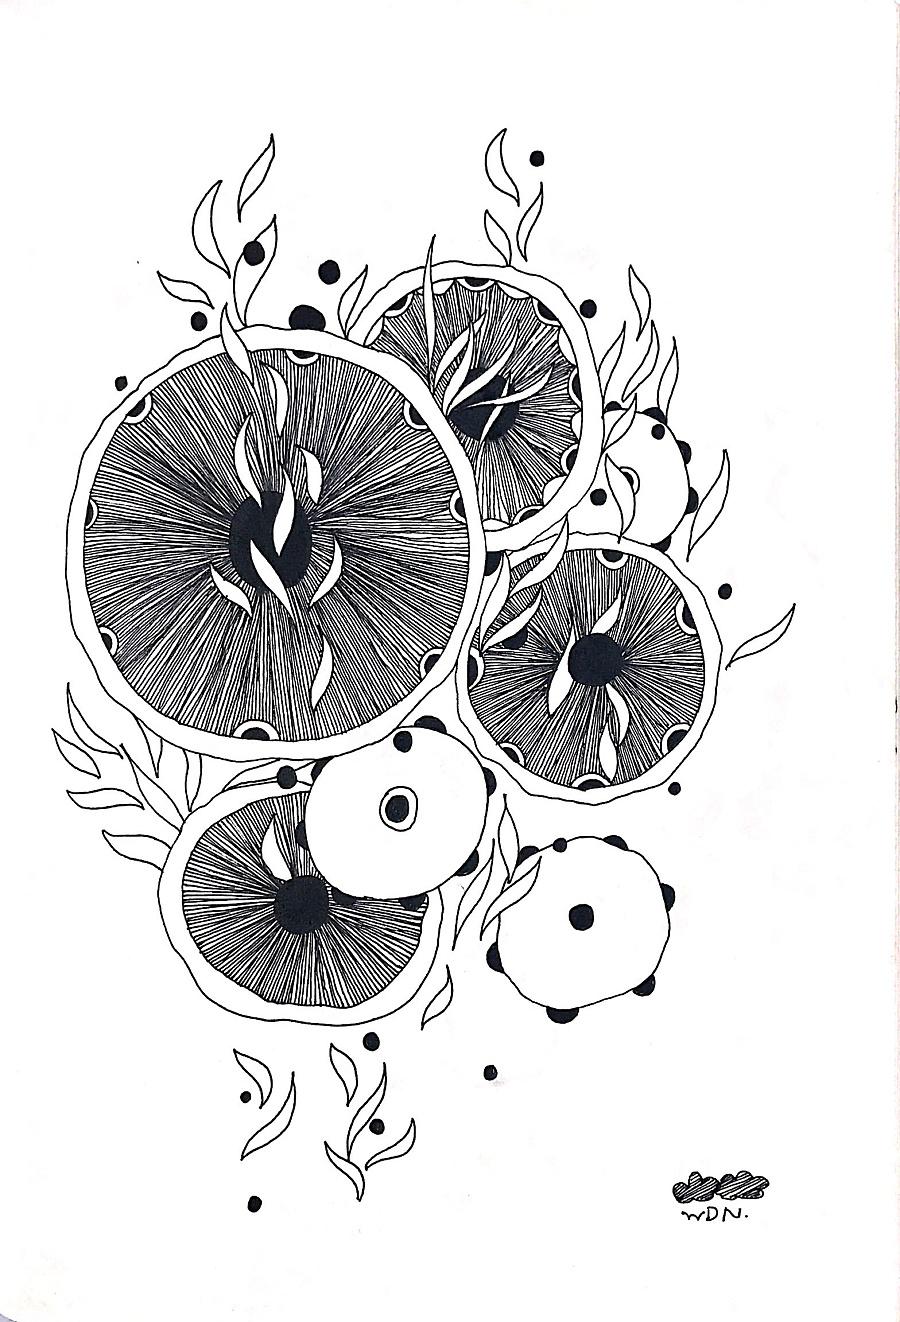 禅绕画·线描装饰画·手绘·插画 插画习作 插画 素匠